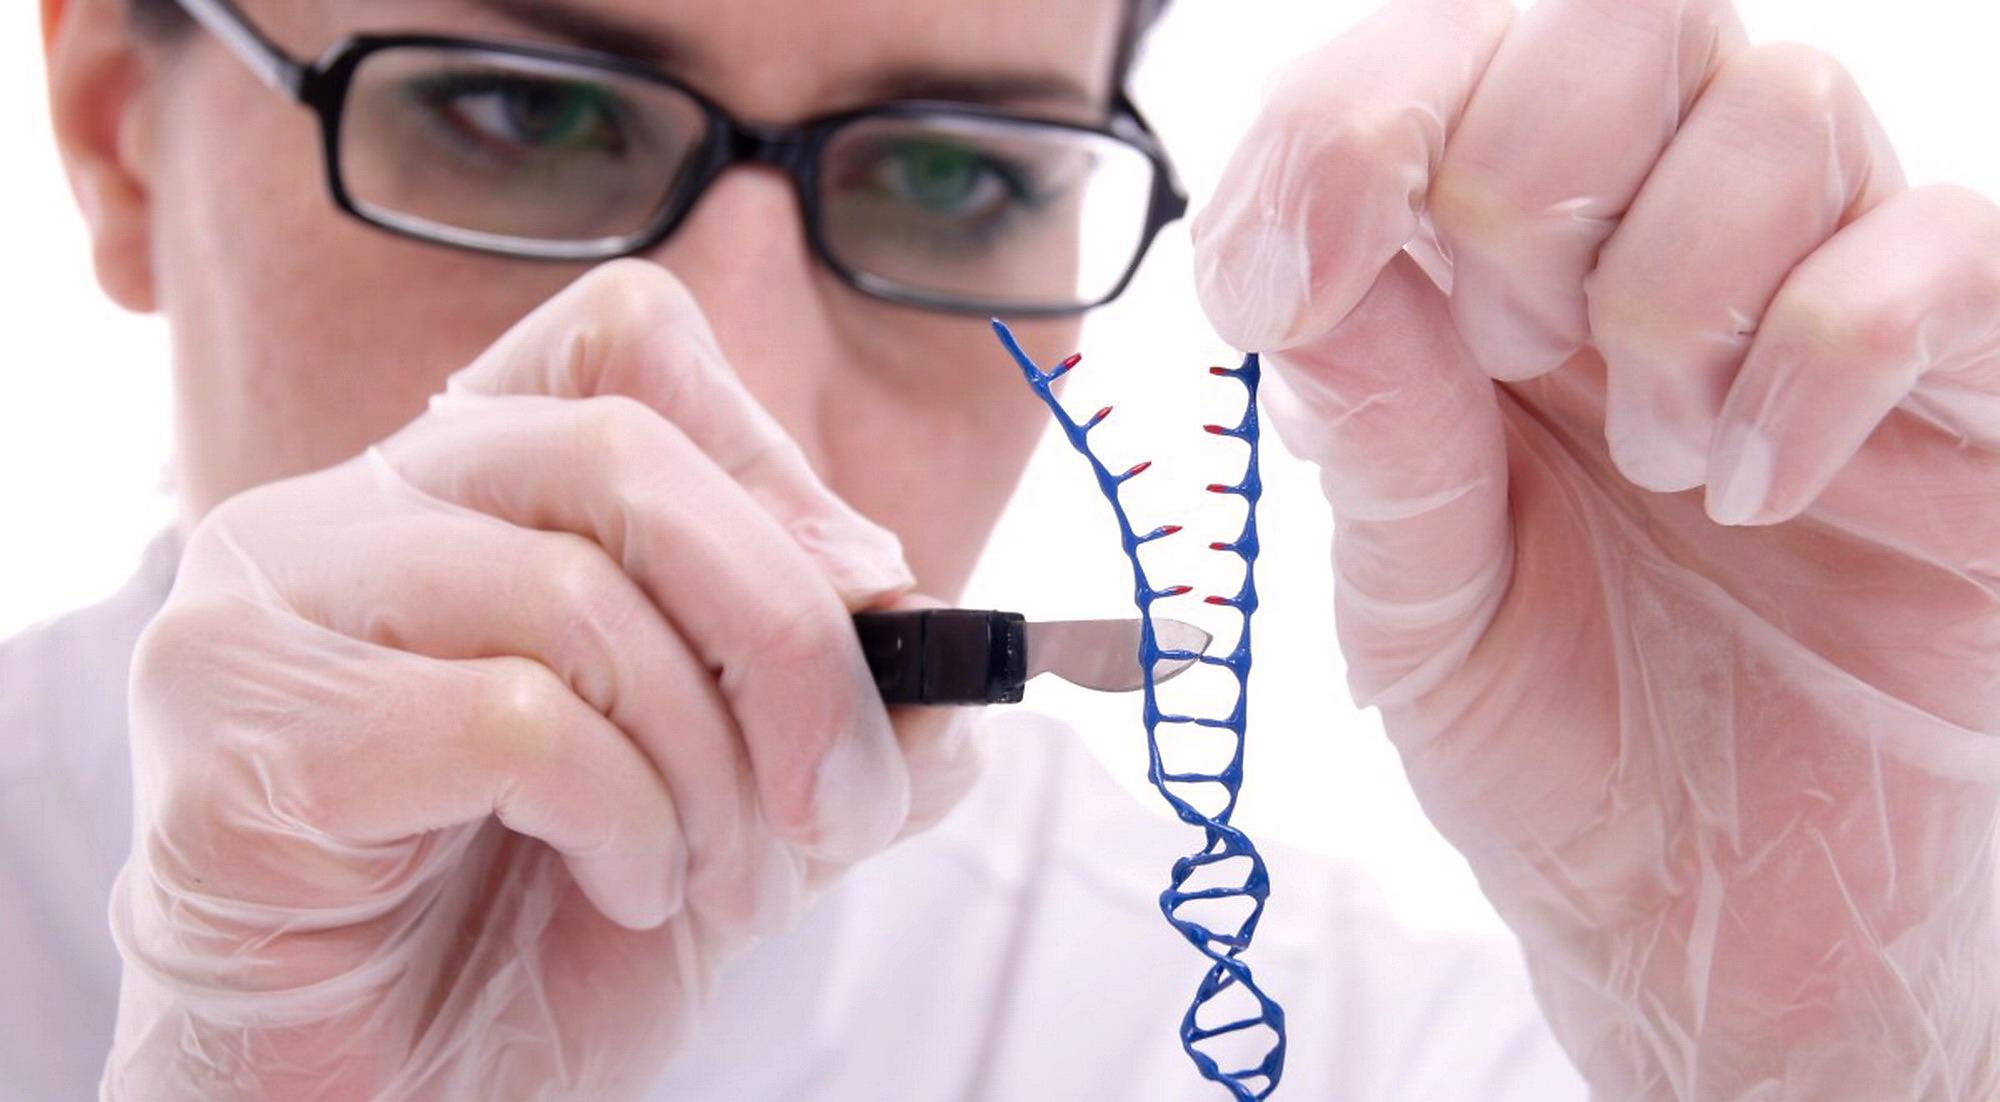 https://lamedicinaestetica.files.wordpress.com/2014/06/dott-emilio-alessio-loiacono-medico-chirurgo-specialista-in-medicina-estetica-modificare-geni-chirurgia-genomica-roma-cavitazione-pressoterapia-grasso-linfodrenante-dietologo-cellulite-c.jpg